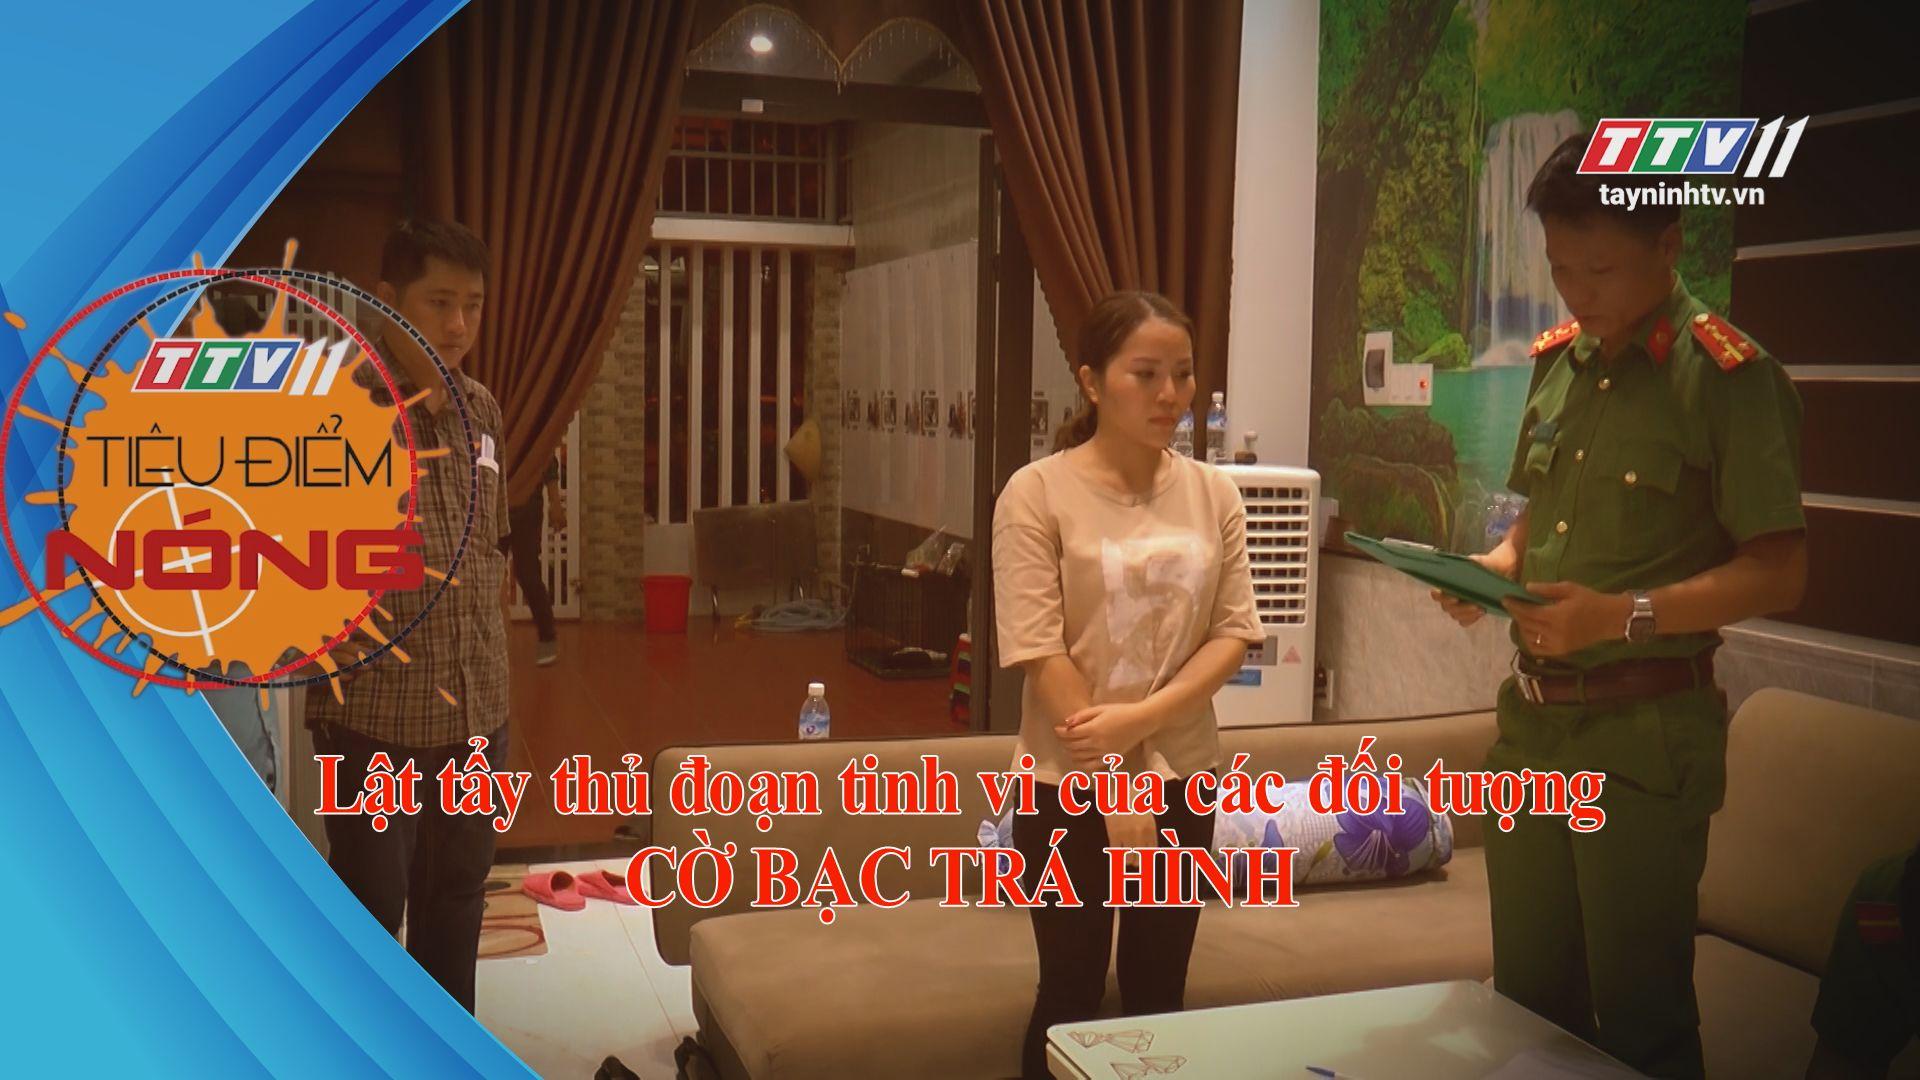 Lật tẩy thủ đoạn tình vi của các đối tượng CỜ BẠC TRÁ HÌNH | TIÊU ĐIỂM NÓNG | TayNinhTV